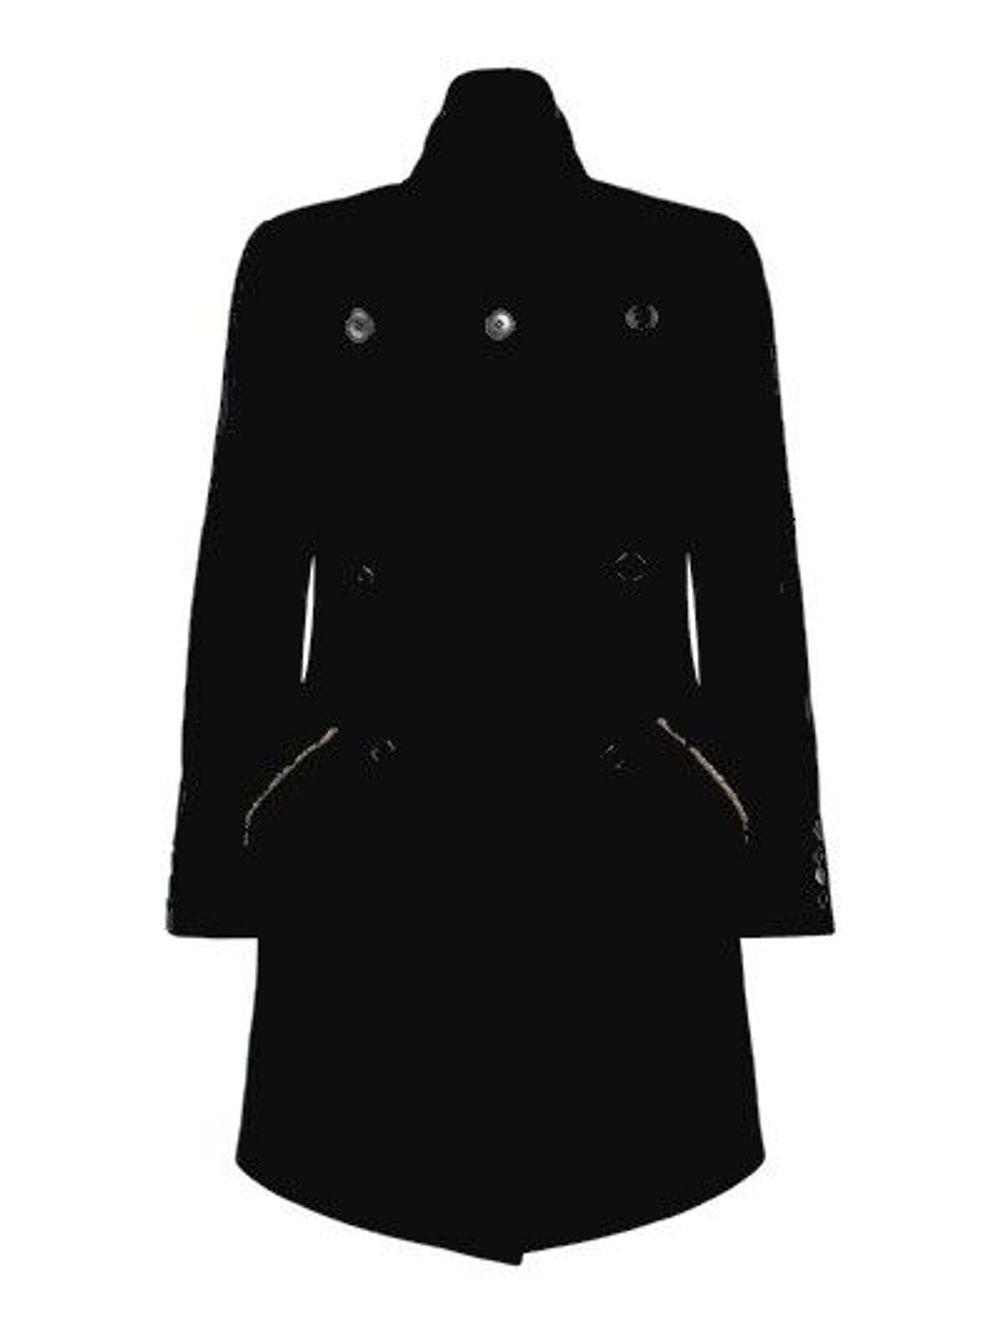 Original Vinter Medium- Midnight Black